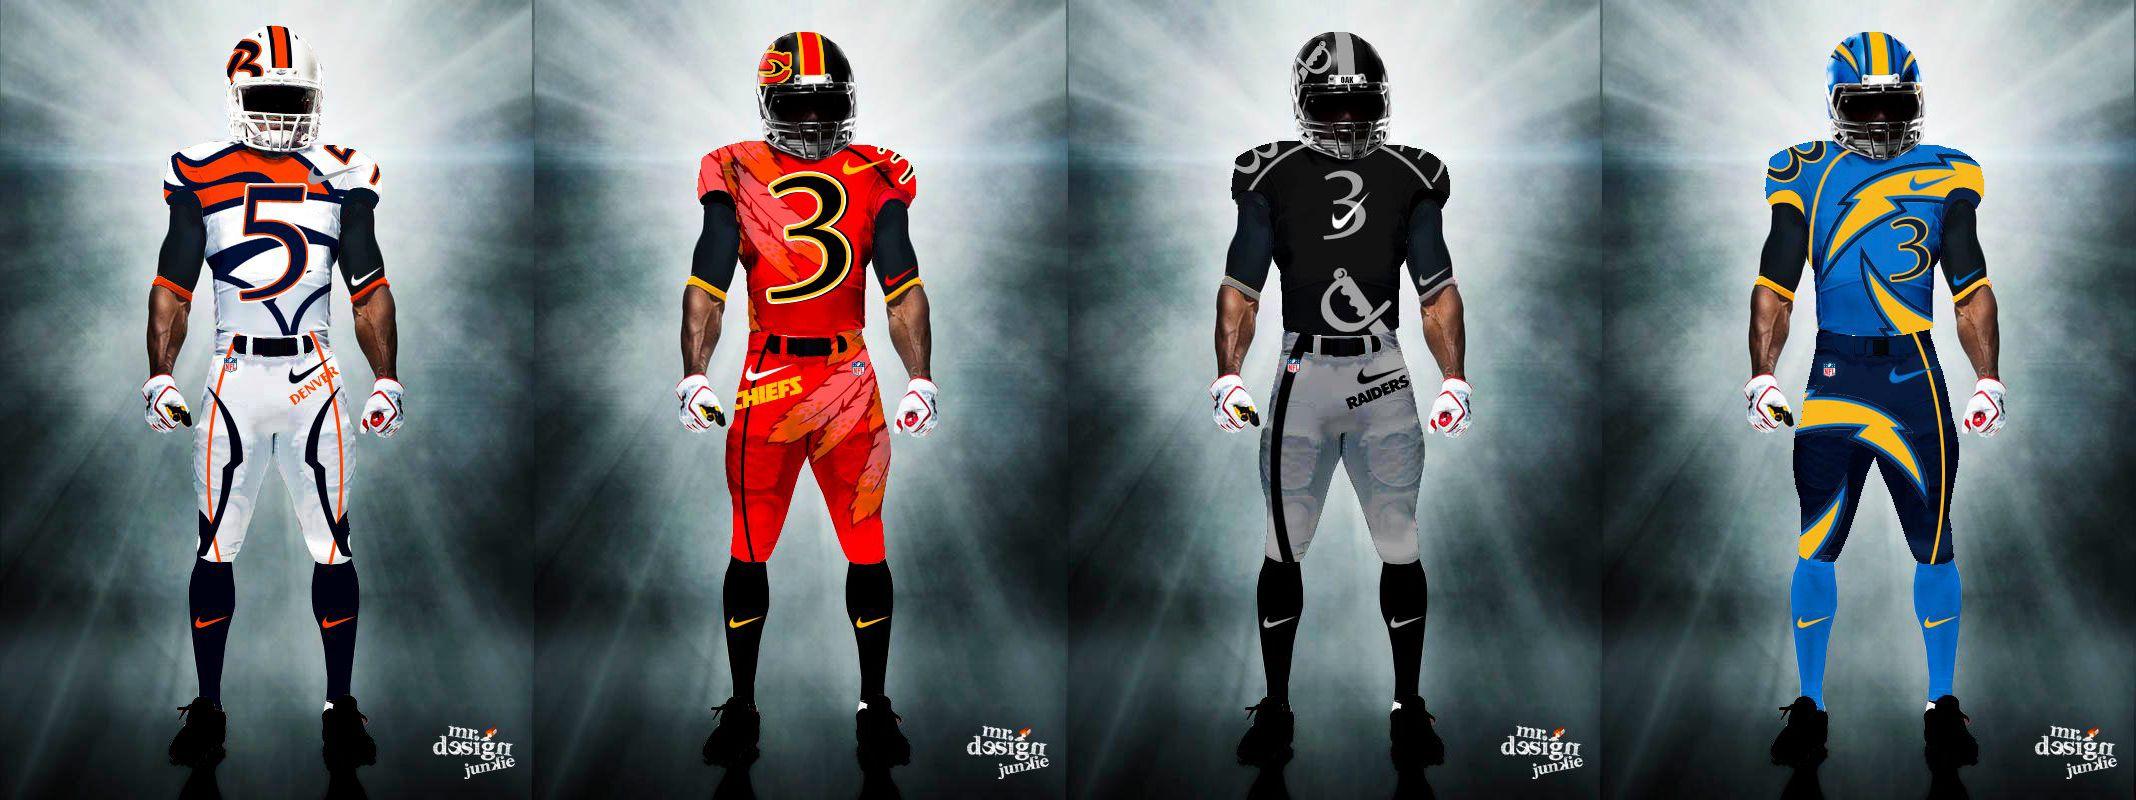 Afc West Nfl Uniforms New Nfl Uniforms 32 Nfl Teams